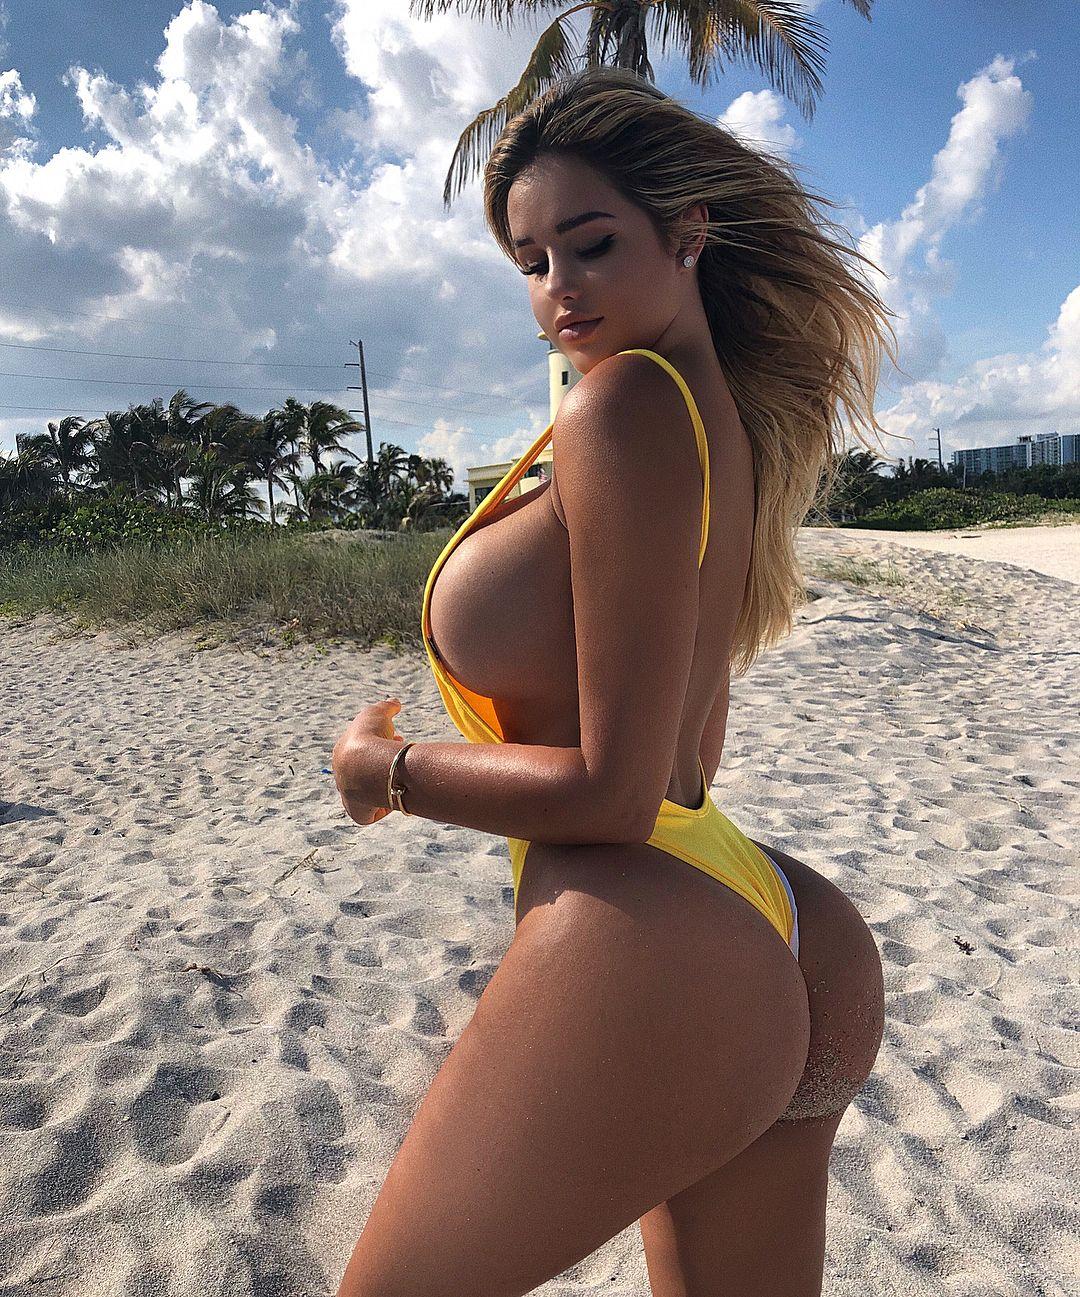 Hot Video Instagram